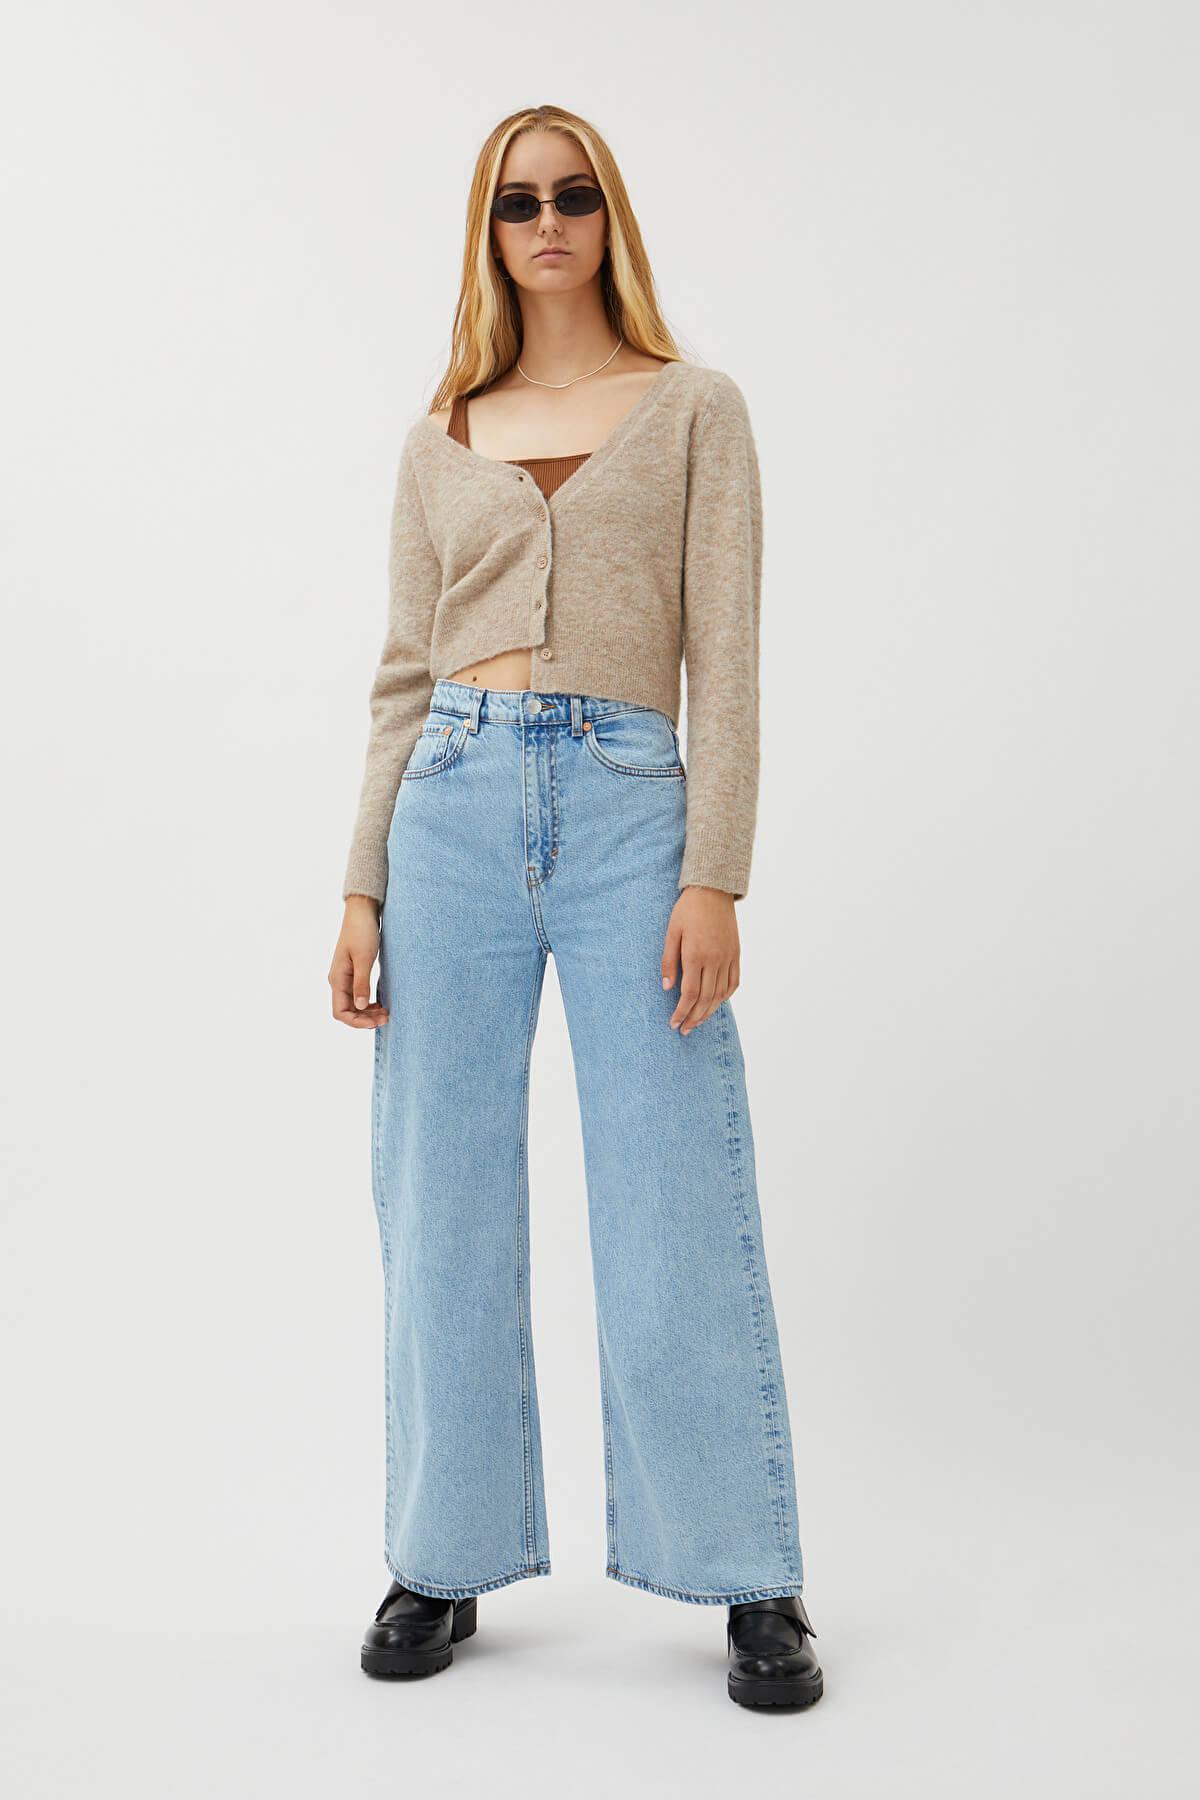 Höga vida jeans blåa